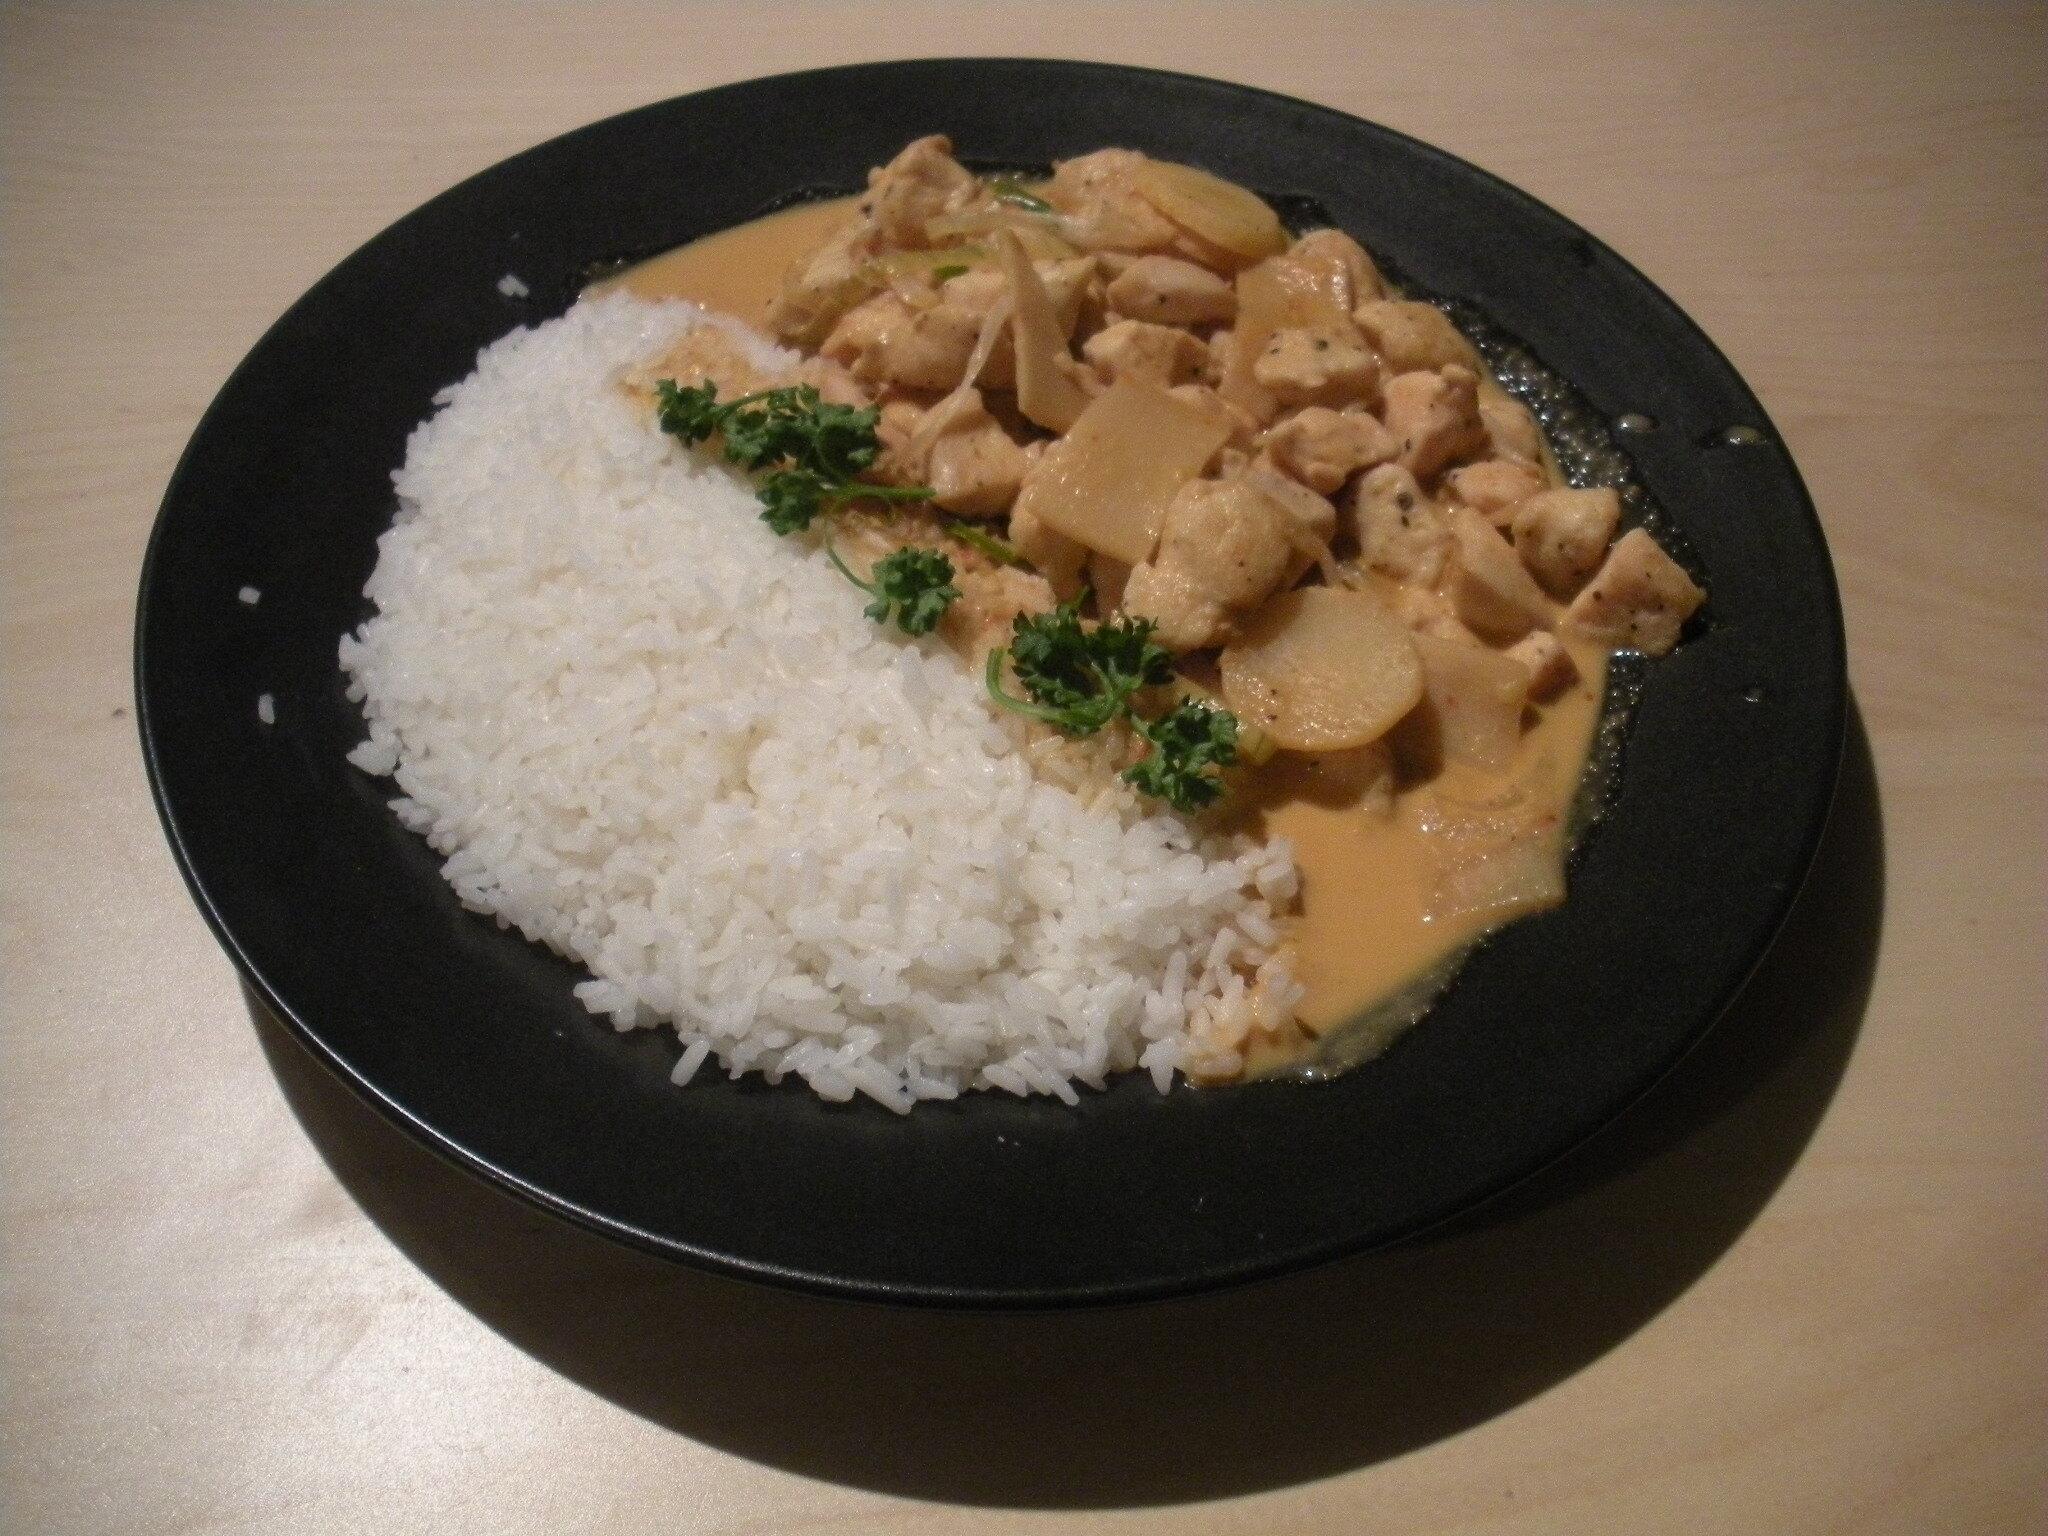 Chicken Thaiwok